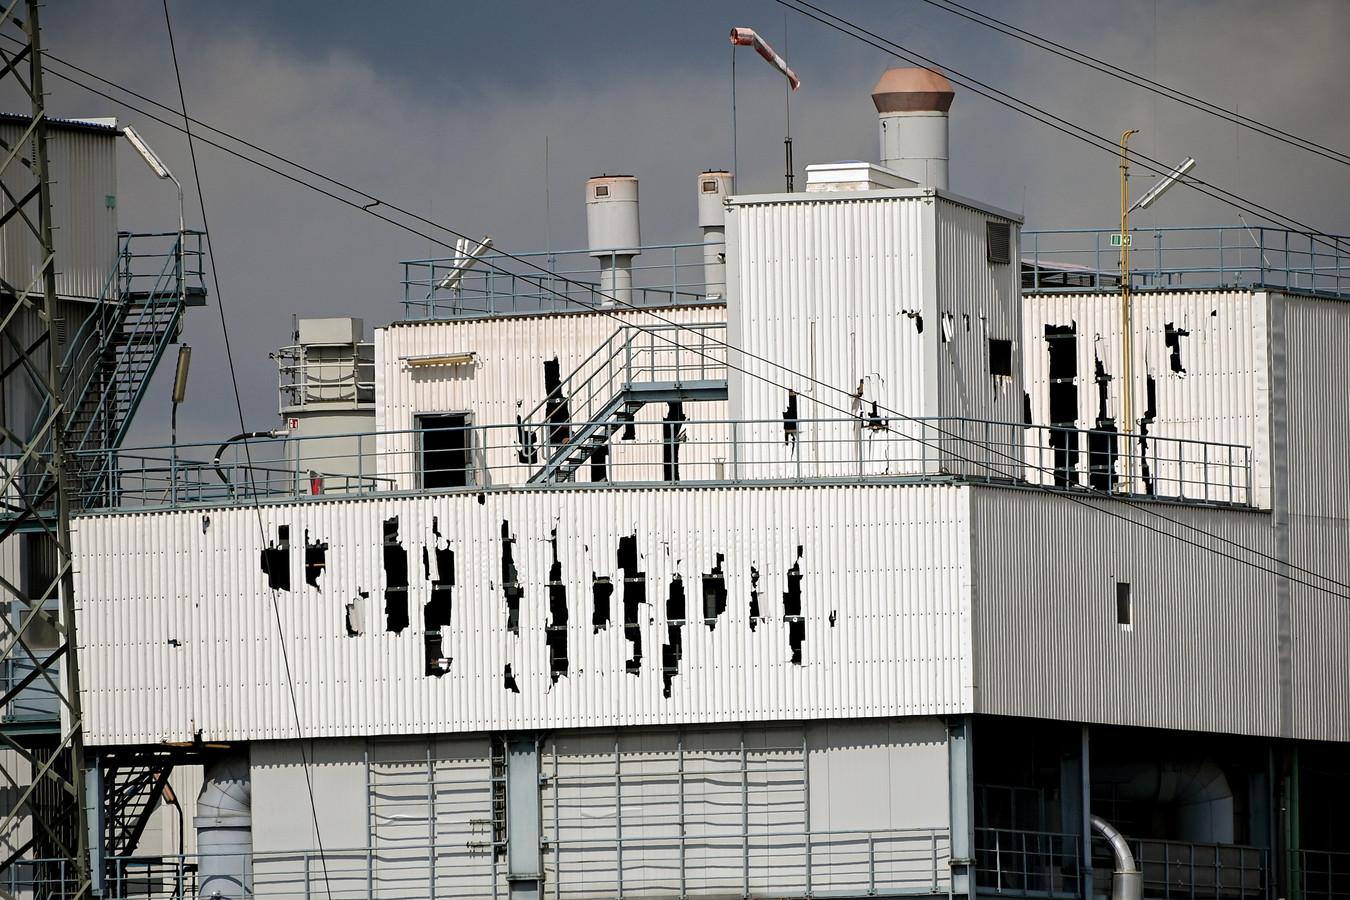 De gebarsten gevel van de afvalverwerkingsinstallatie nabij de plaats van de explosie in het 'Chempark' in Leverkusen.